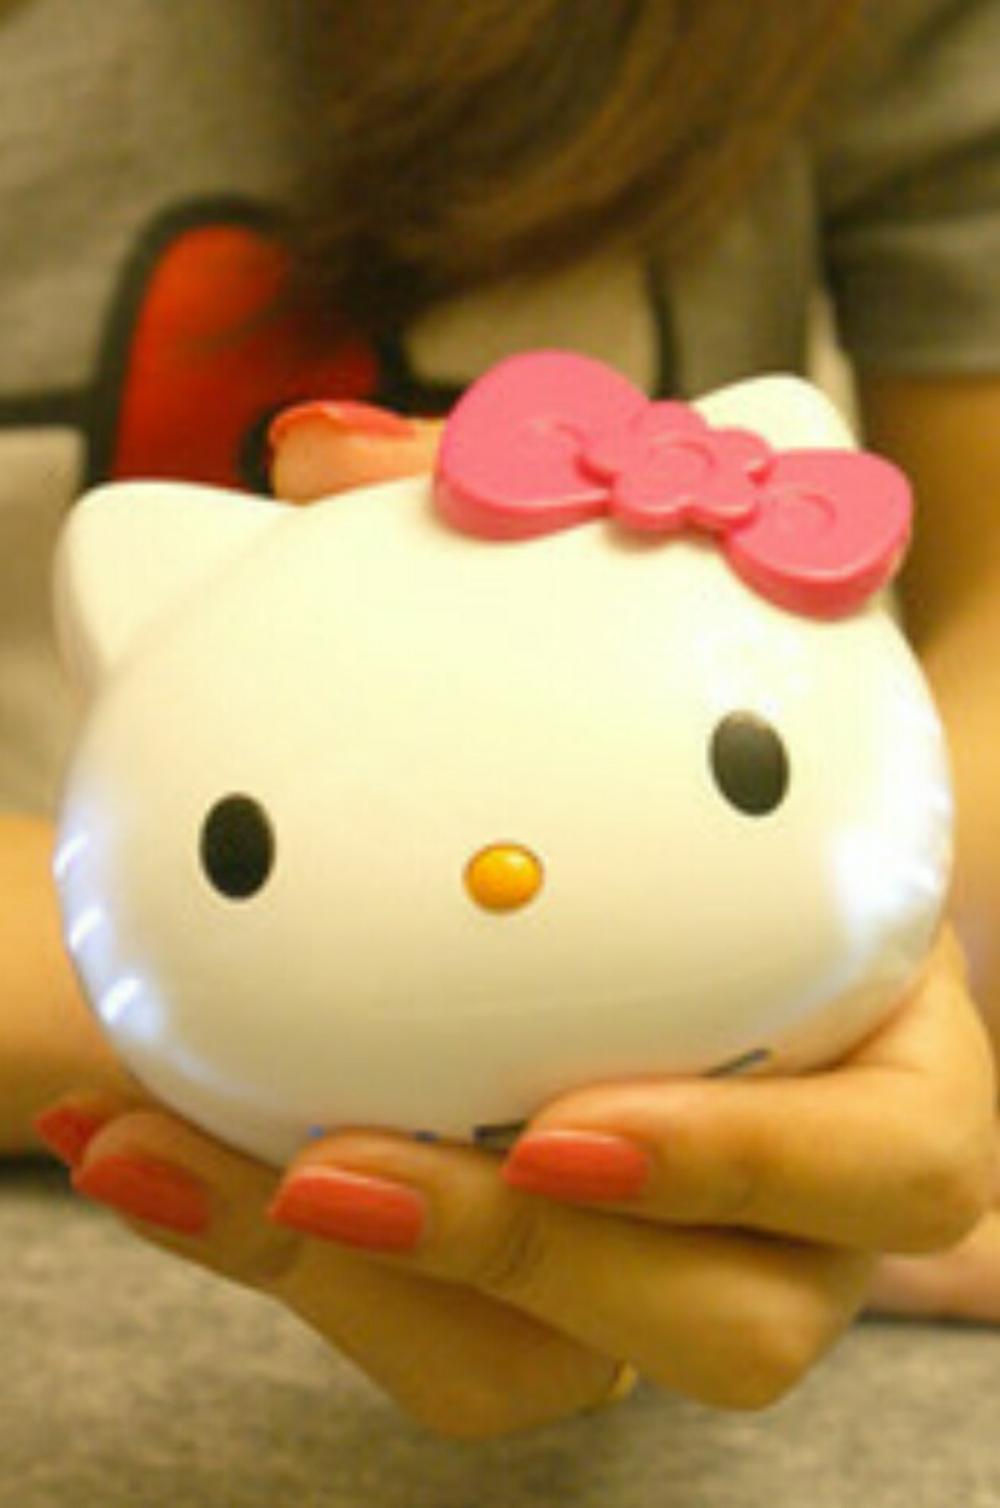 Powerbank Kepala Hello Kitty 3D 12000mAh - Powerbank lucu Hellokitty 3D  di lapak BJC BEKASI bintangcells